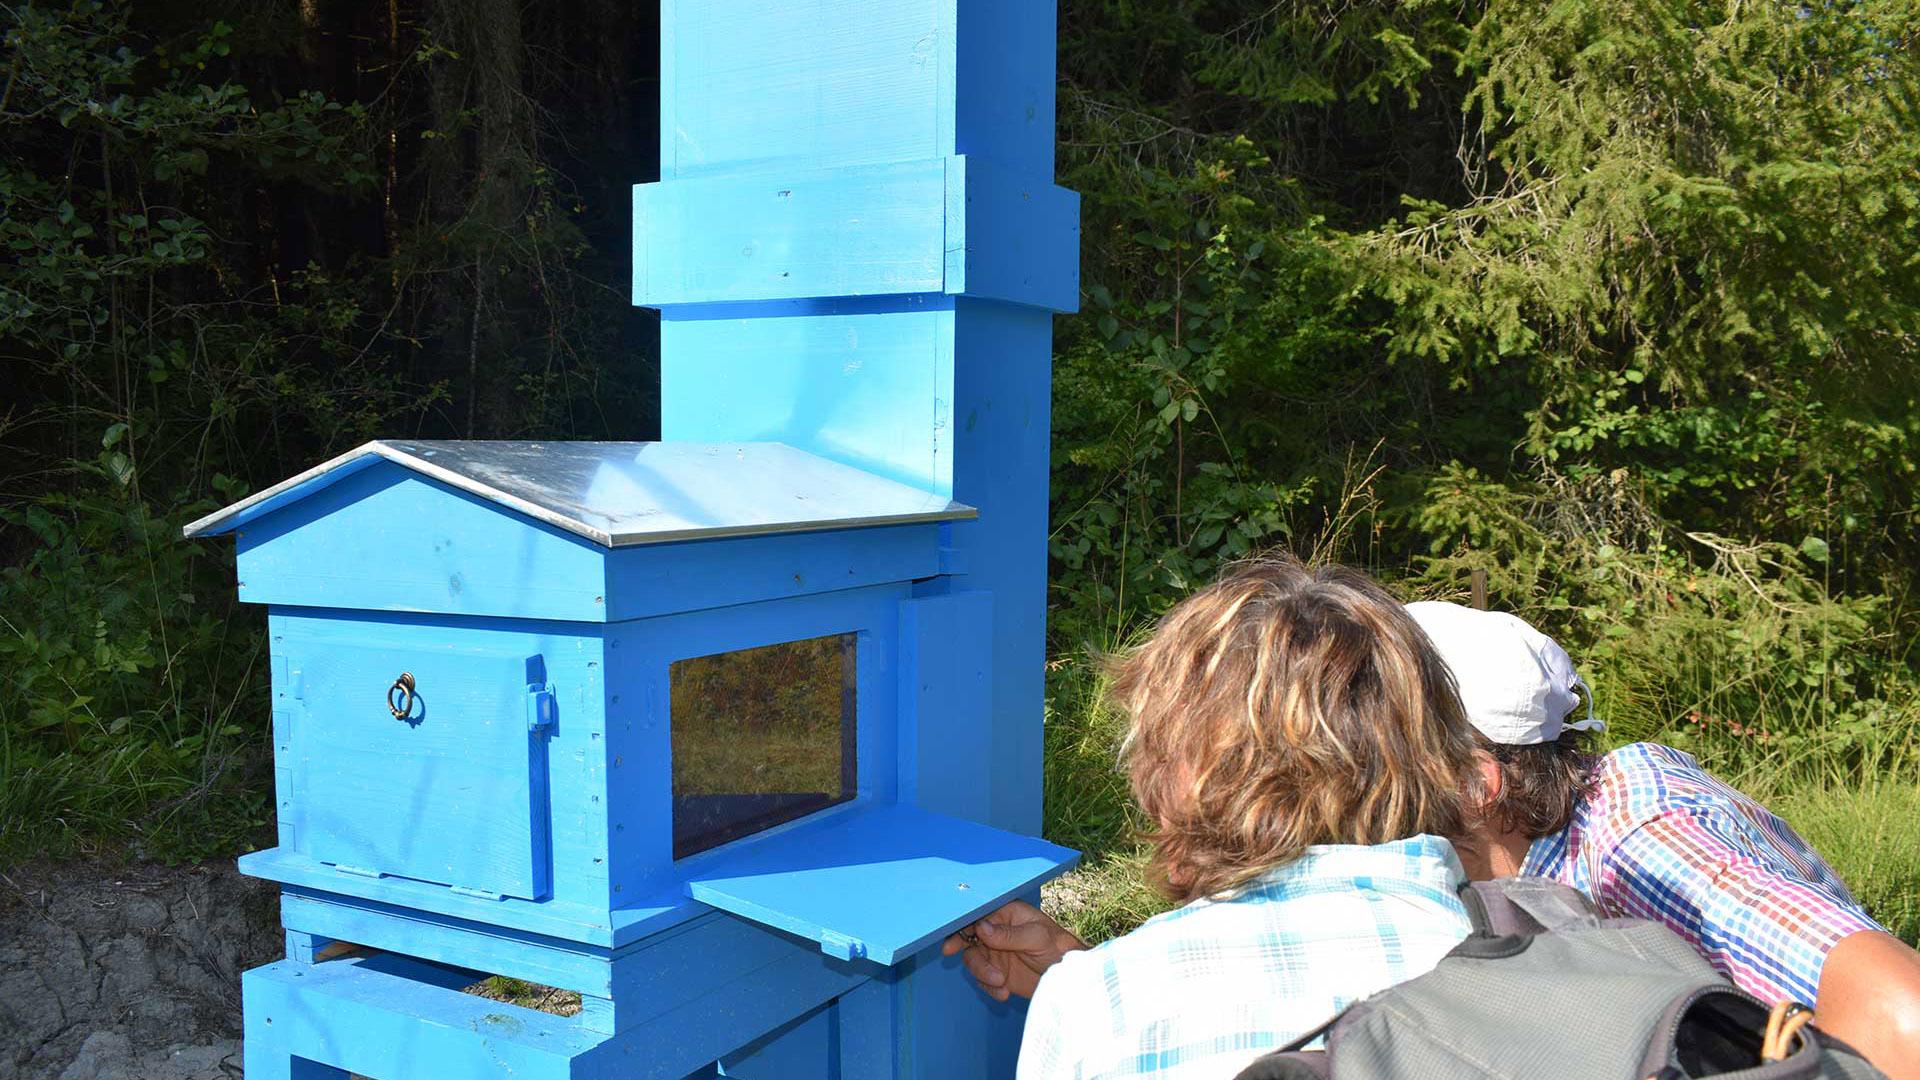 2 personnes regardent l'intérieur de la ruche pédagogique du géoparc chablais